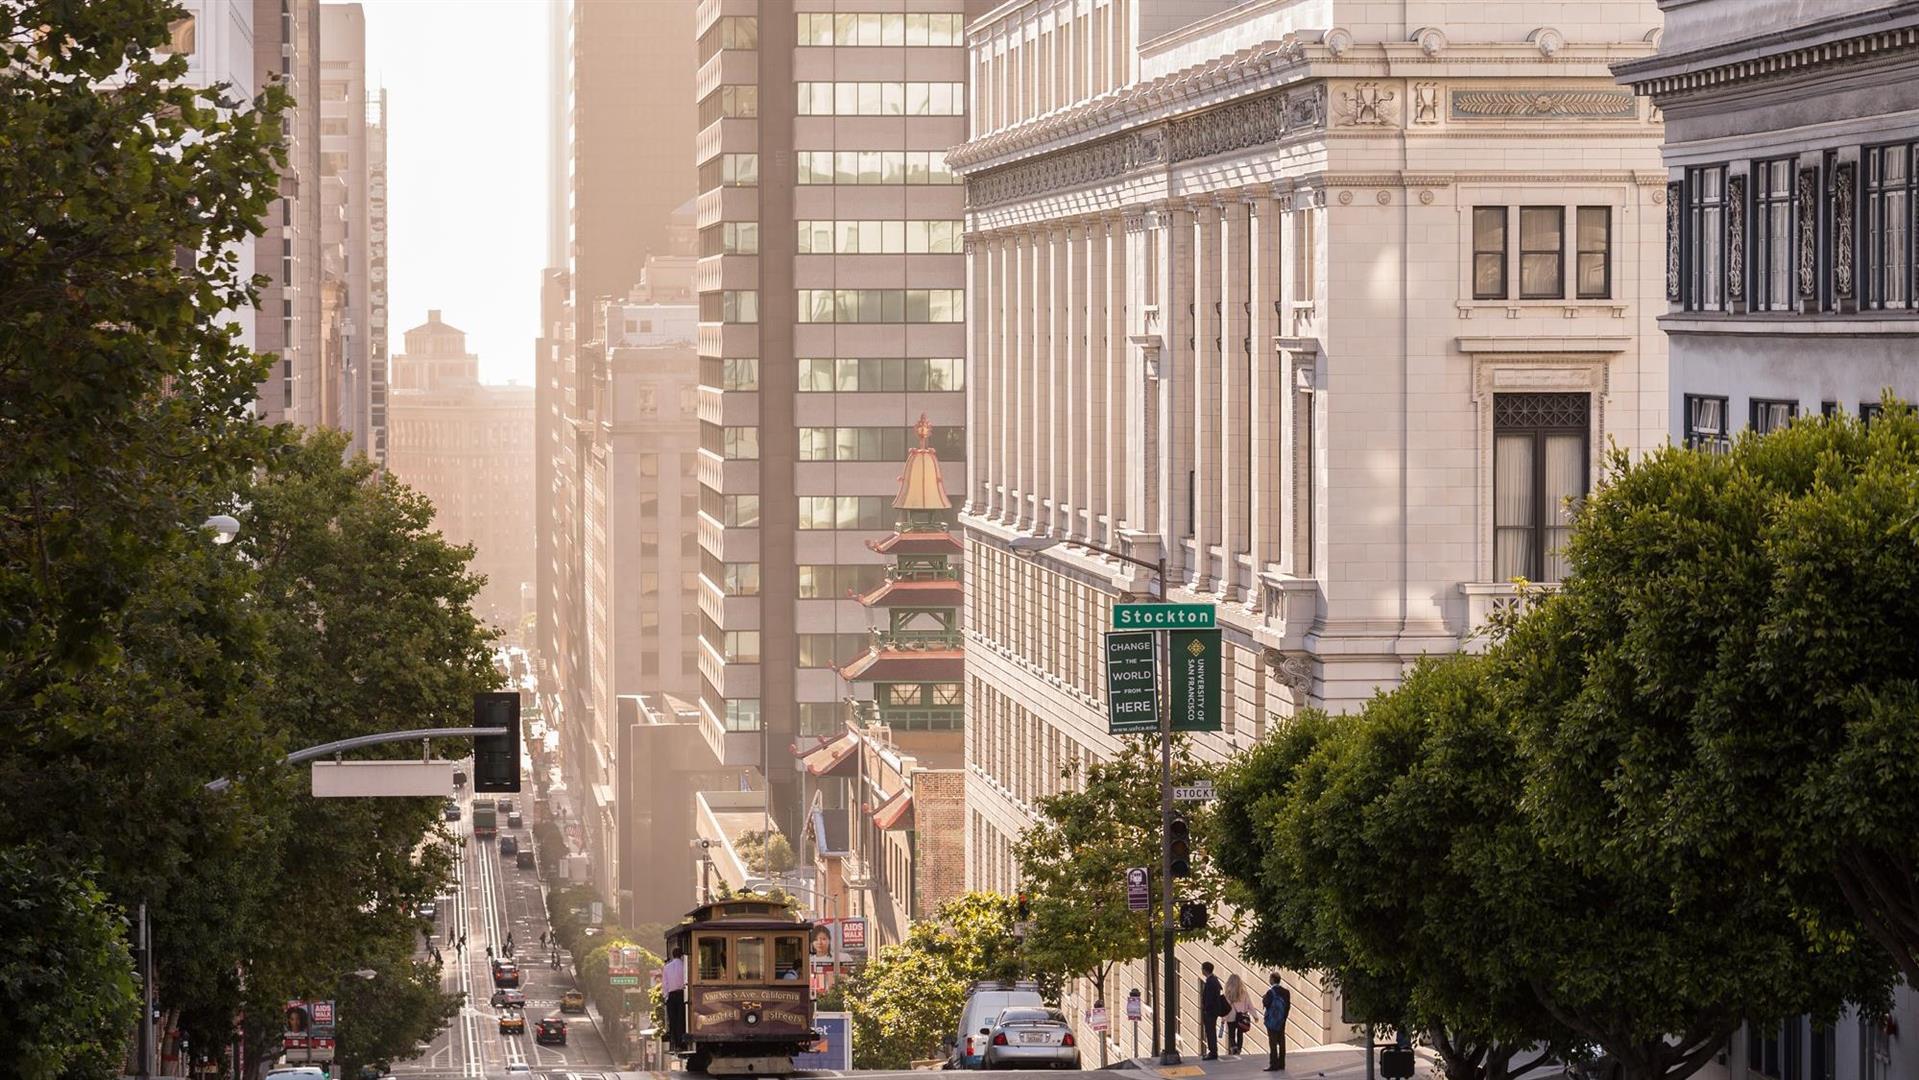 The Ritz Carlton San Francisco 5f271f88de5740619b4d1ca36a73d3f2LARGEjpg